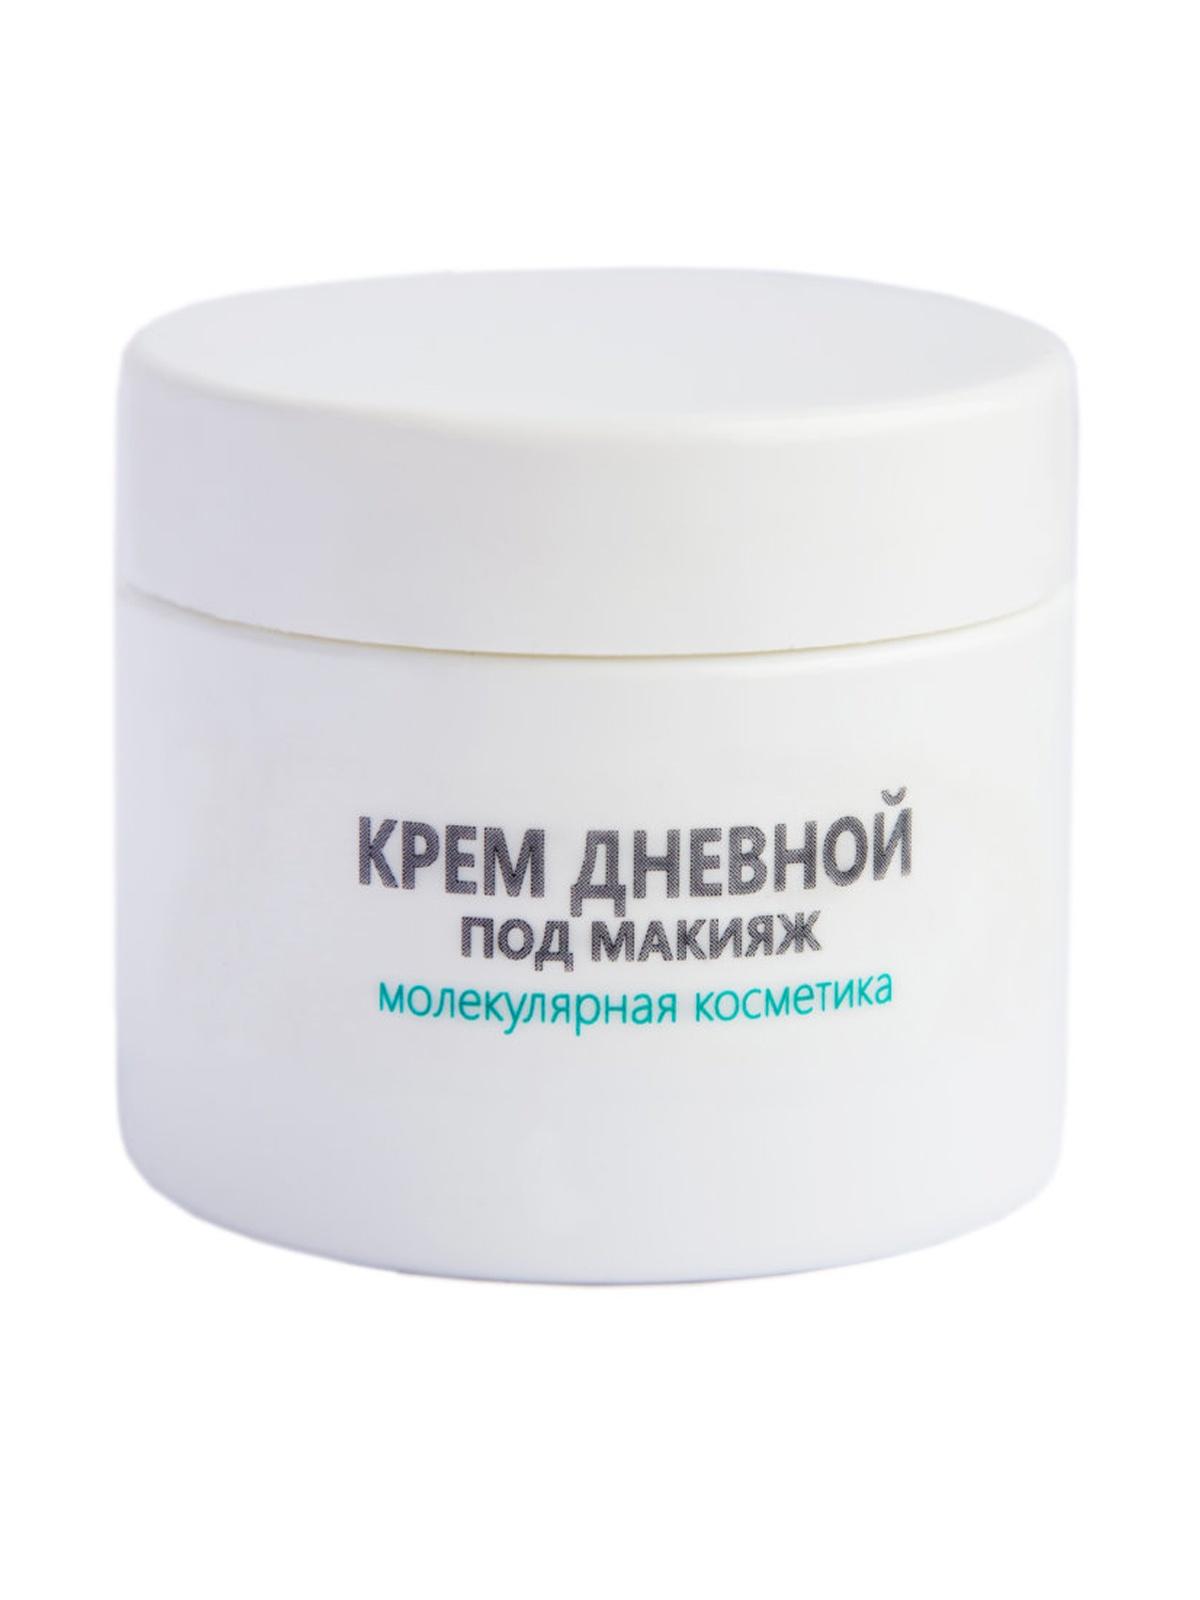 Крем дневной под макияж Увлажненная и подпитанная самыми вкусными для нее ингредиентами...